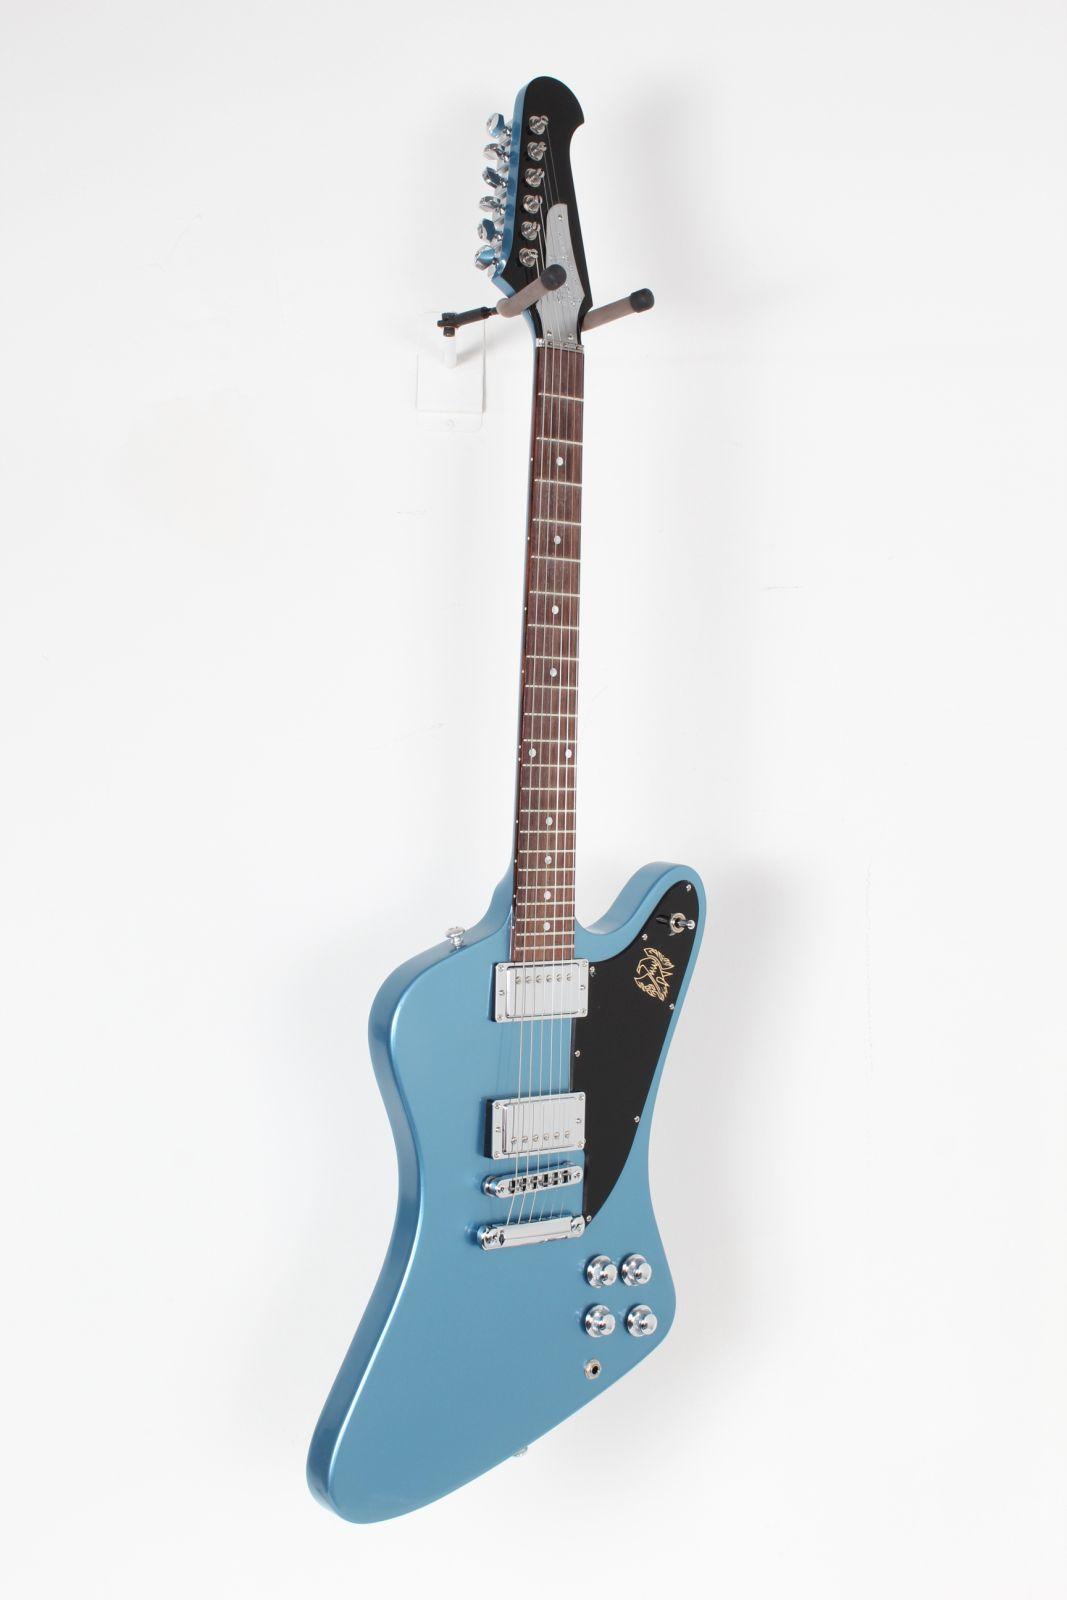 Details about Gibson 2017 Firebird Studio HP Electric Guitar Pelham Blue